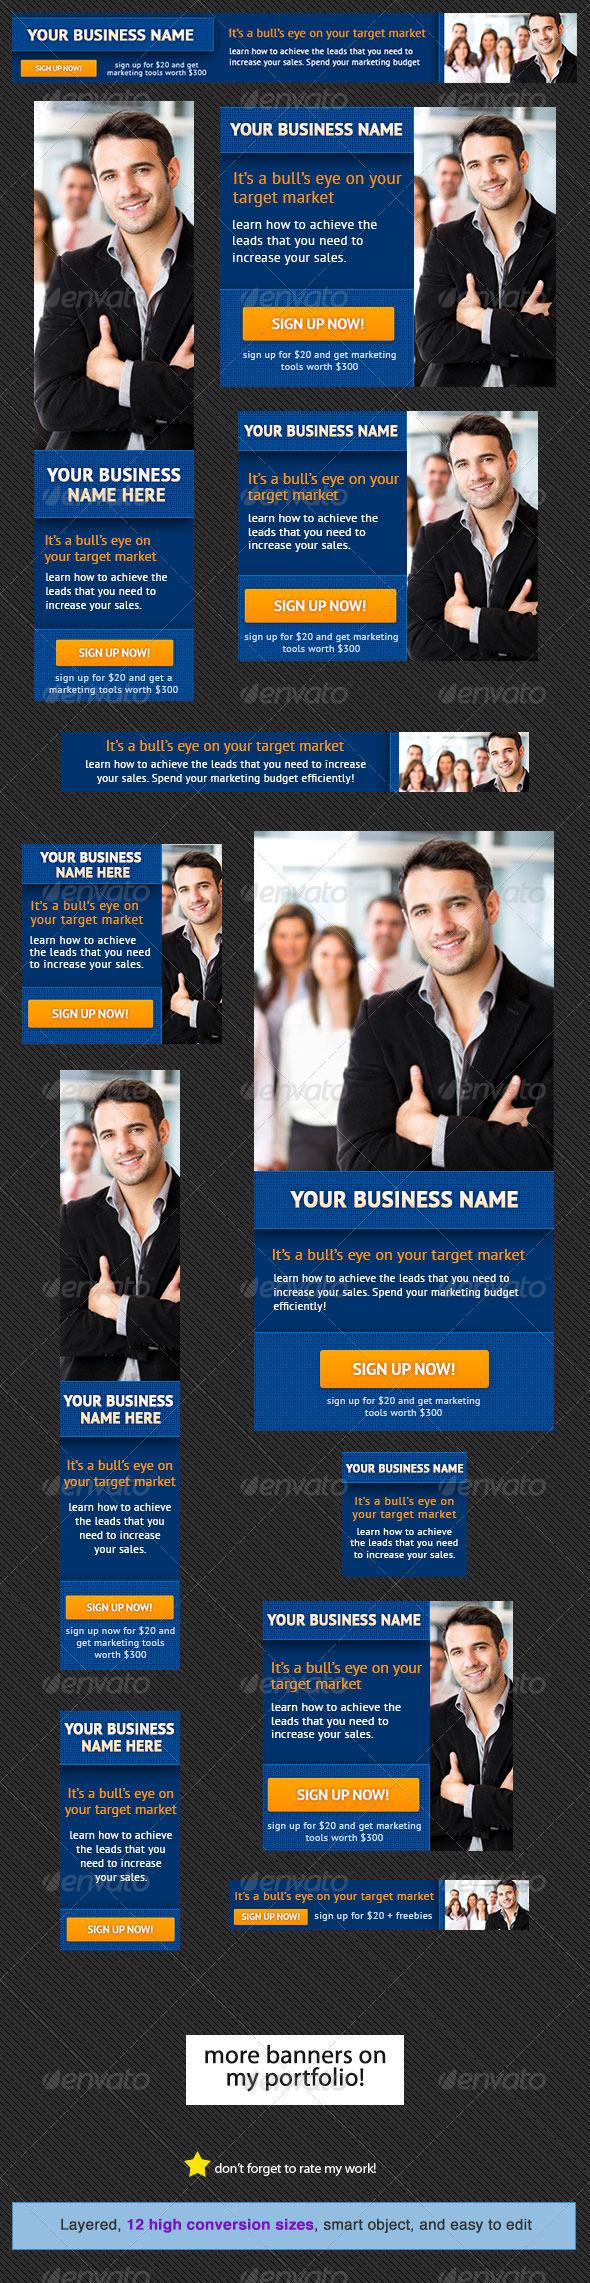 GraphicRiver Corporate Banner Design Template 8 4473970